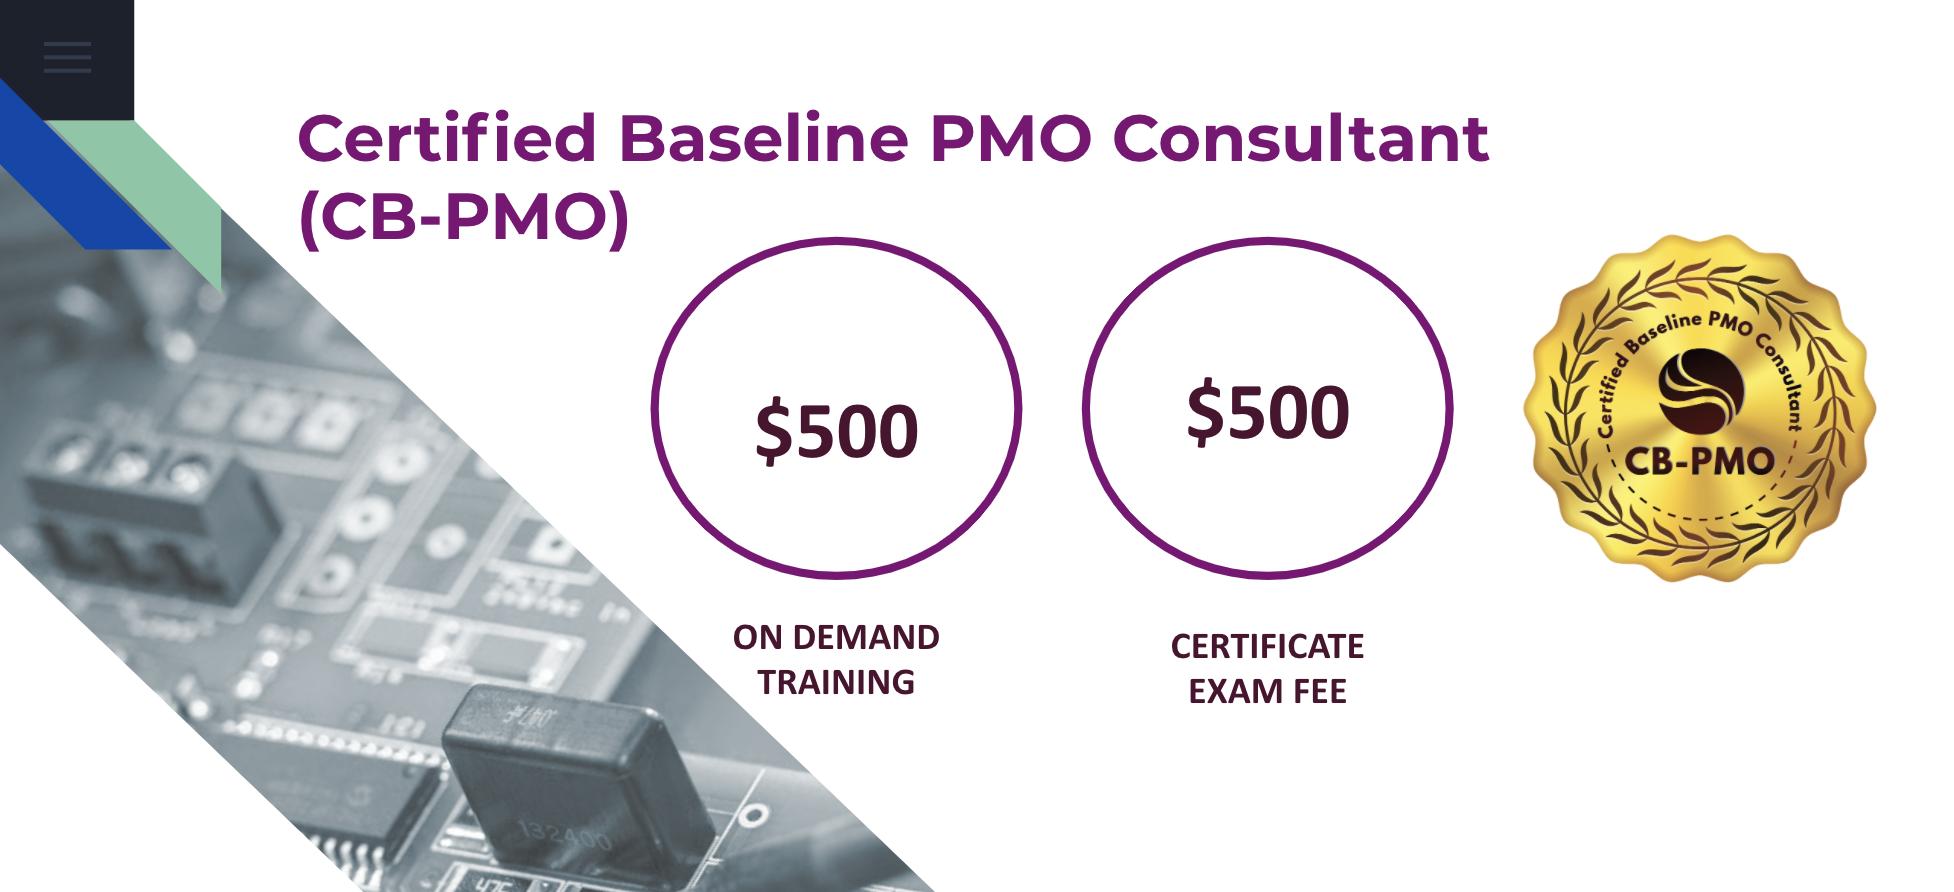 Certified Baseline PMO Consultant (CB-PMO)